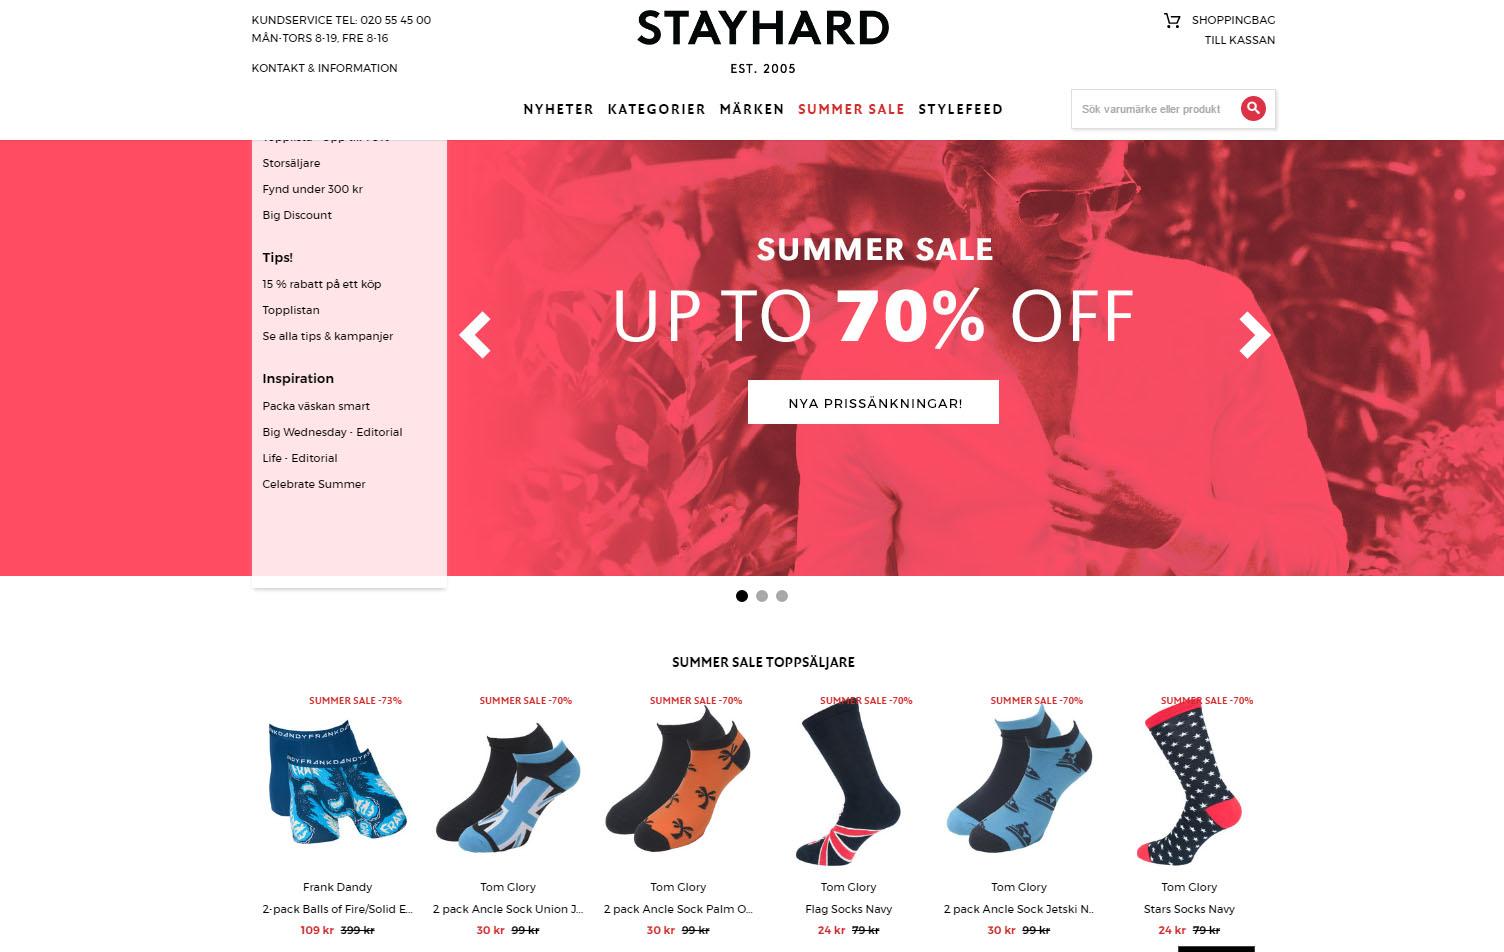 Landningssida för Stayhards kampanj